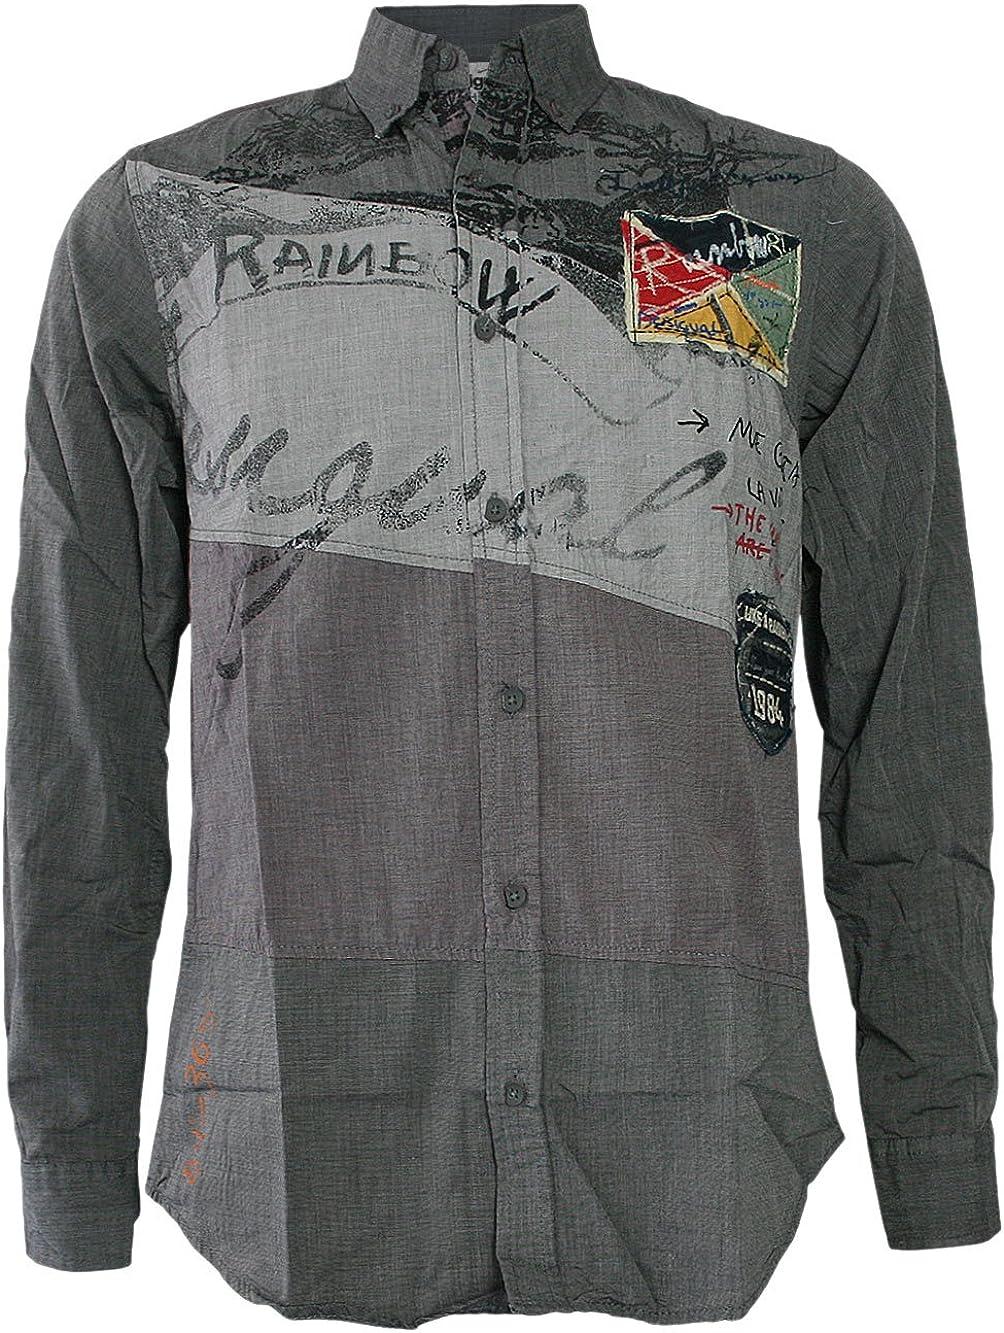 Desigual Hombre Diseñador Camisa Manga Larga Shirt Camisetas - MARK -XXXL: Amazon.es: Ropa y accesorios